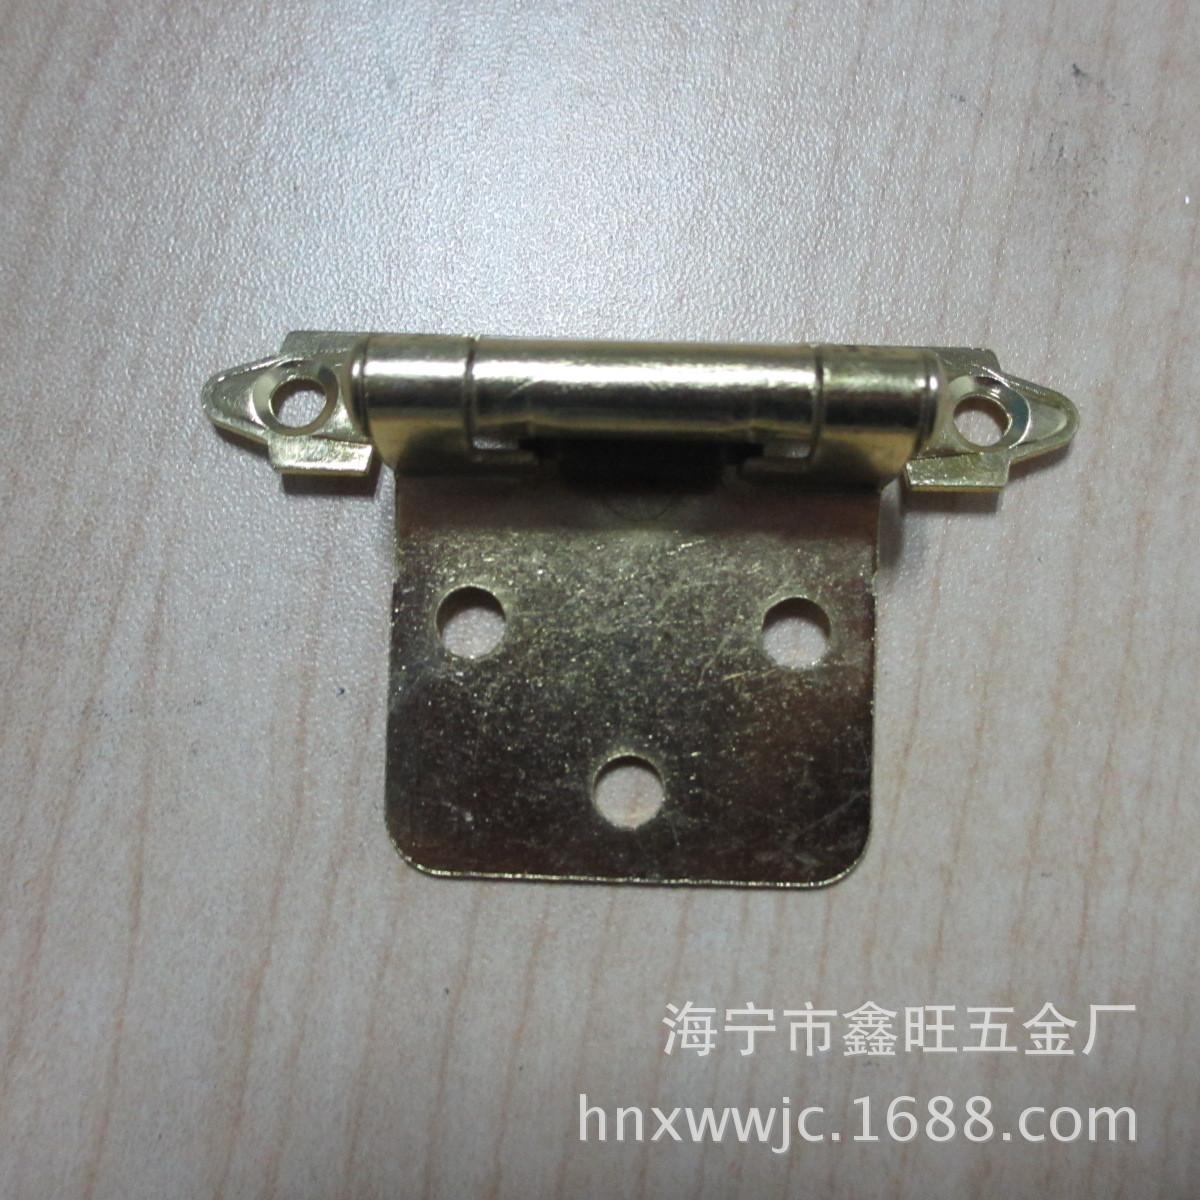 厂家优德88中文客户端美式铰链 弹簧合页 自关合页 自关铰链